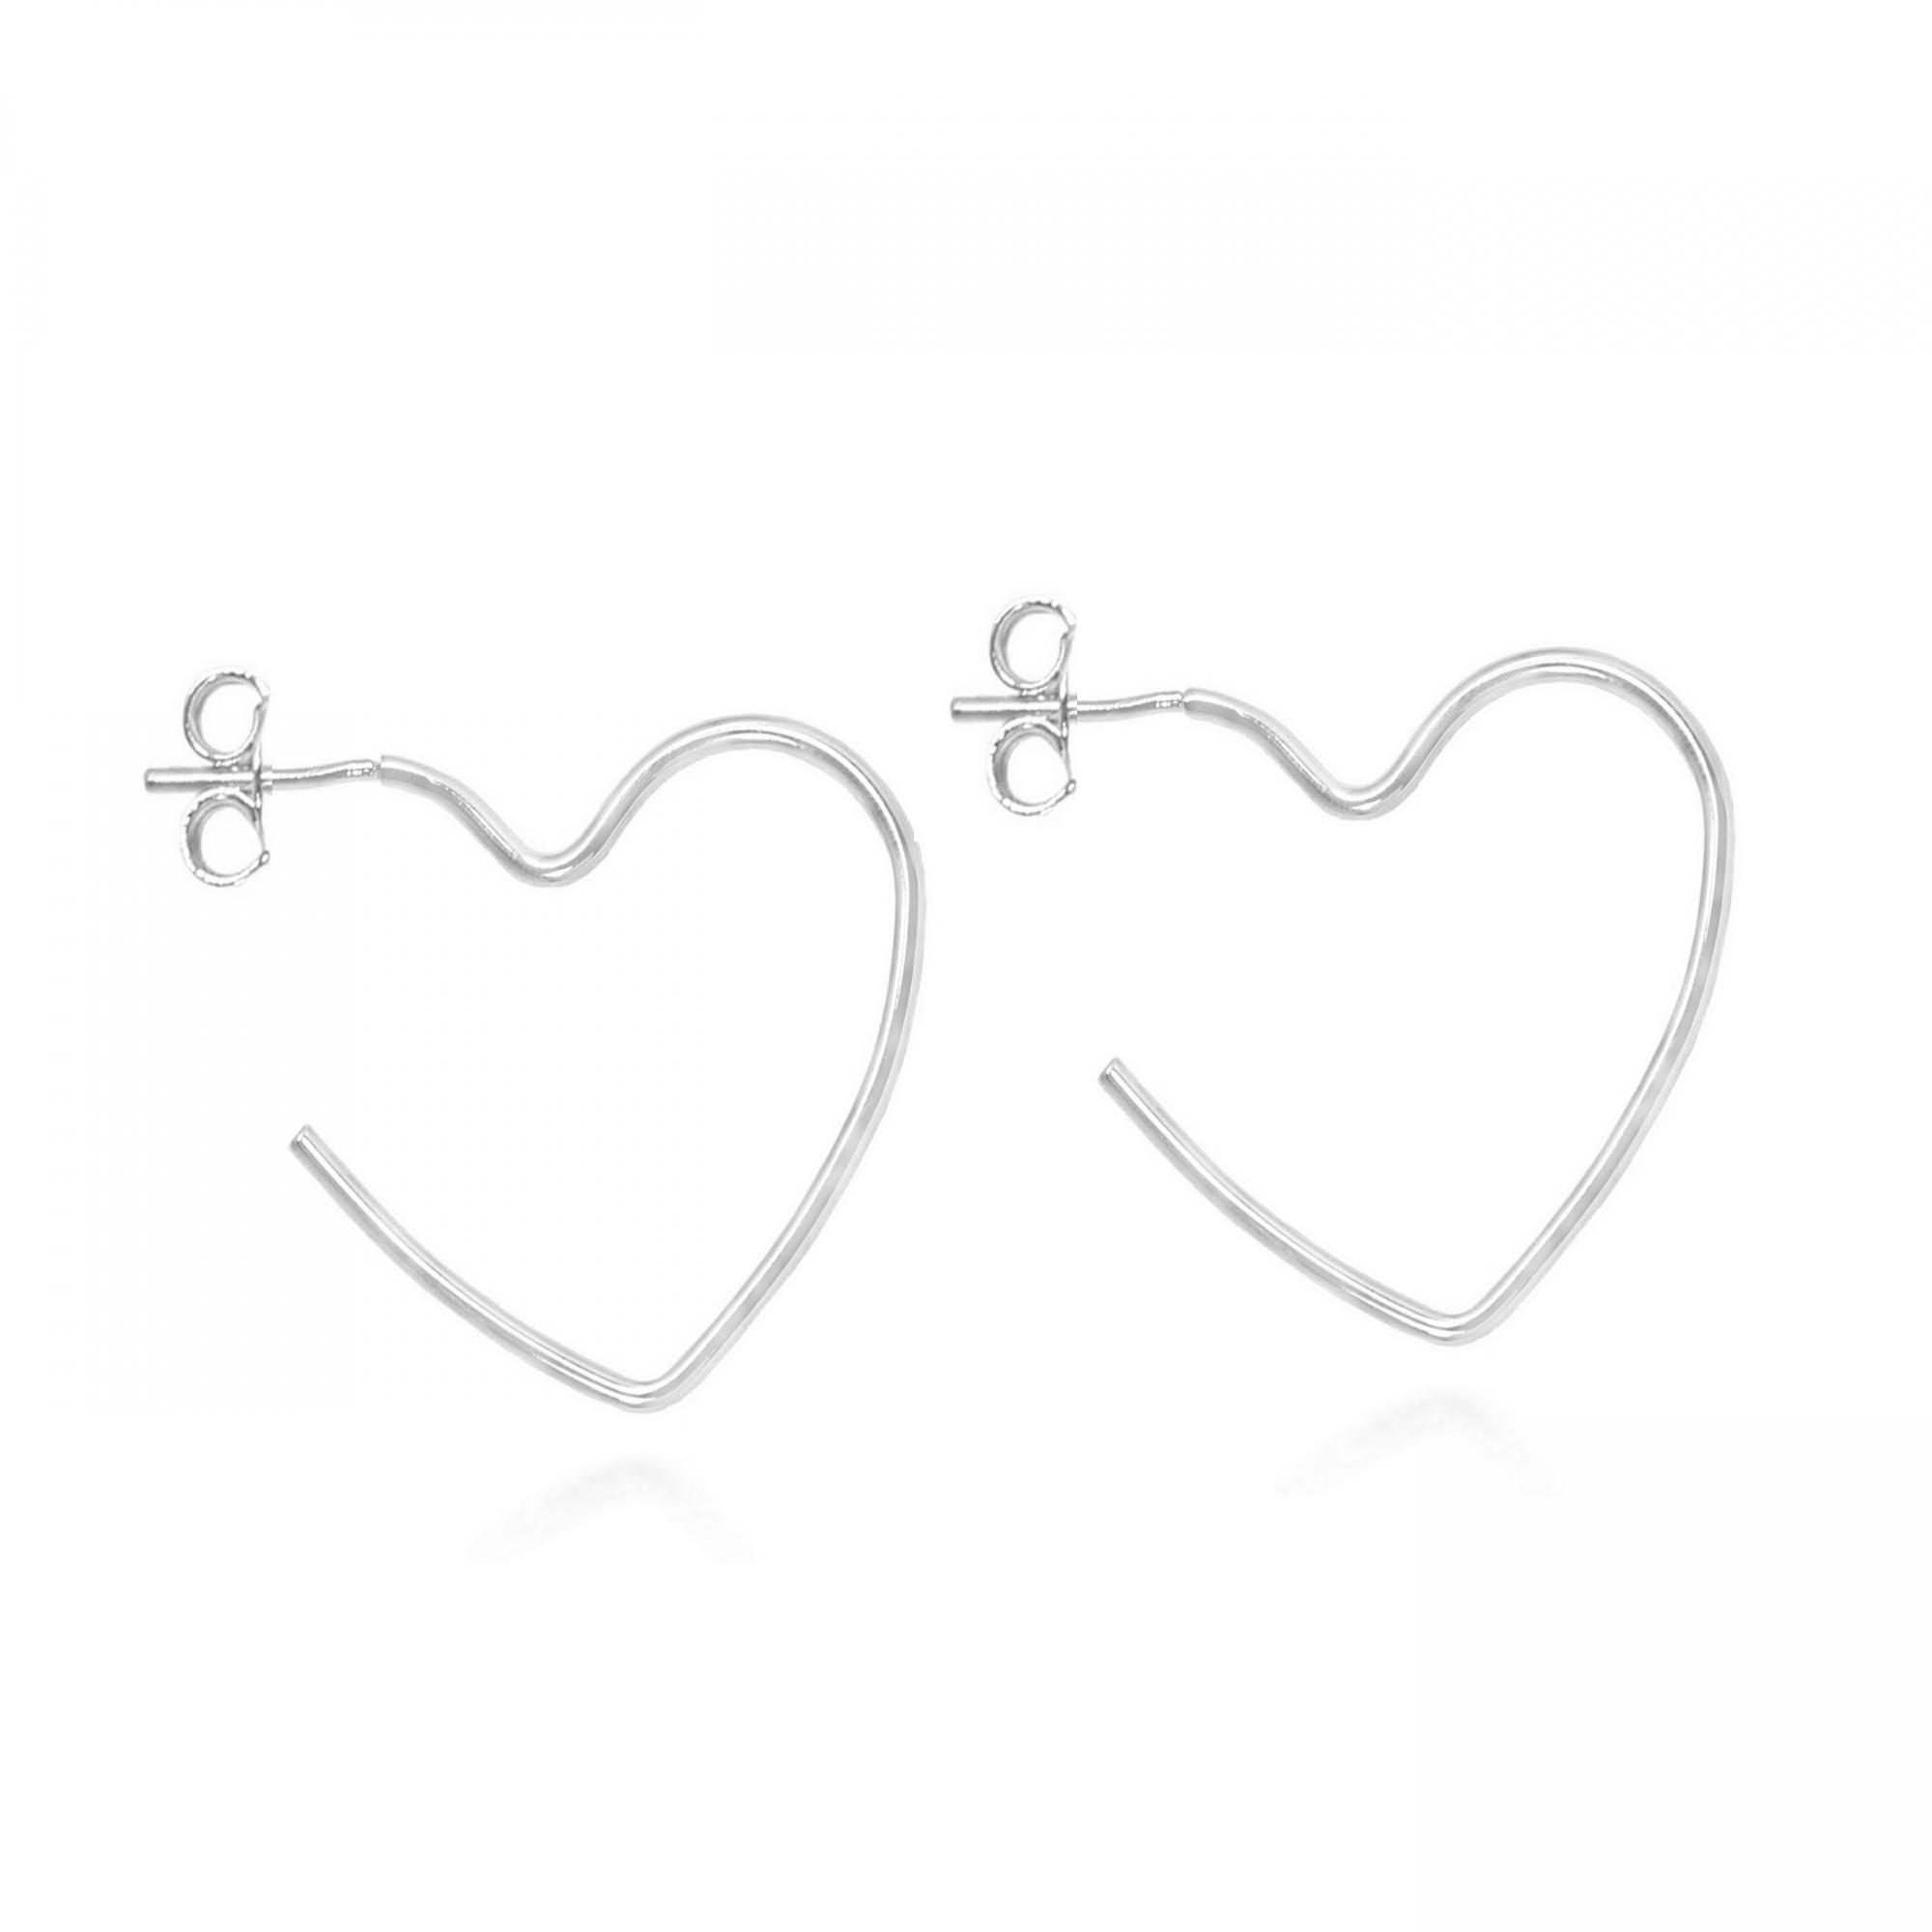 Brinco Argola Coração Aberto Médio 4 cm Folheado Prata  - Lunozê Joias